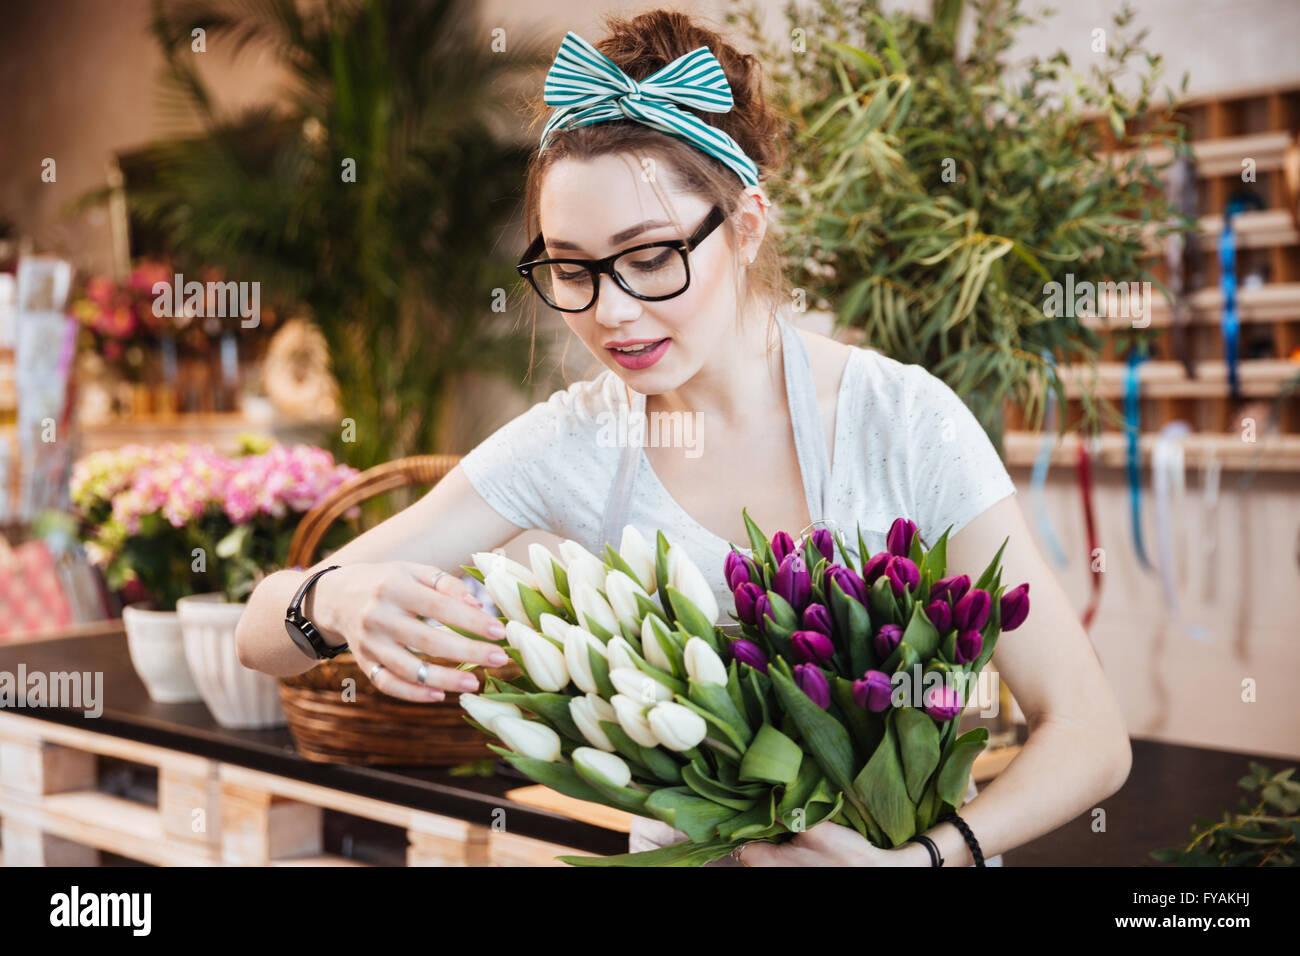 Carino bella giovane donna fioraio in bicchieri di prendersi cura di tulipani nel negozio di fiori Immagini Stock